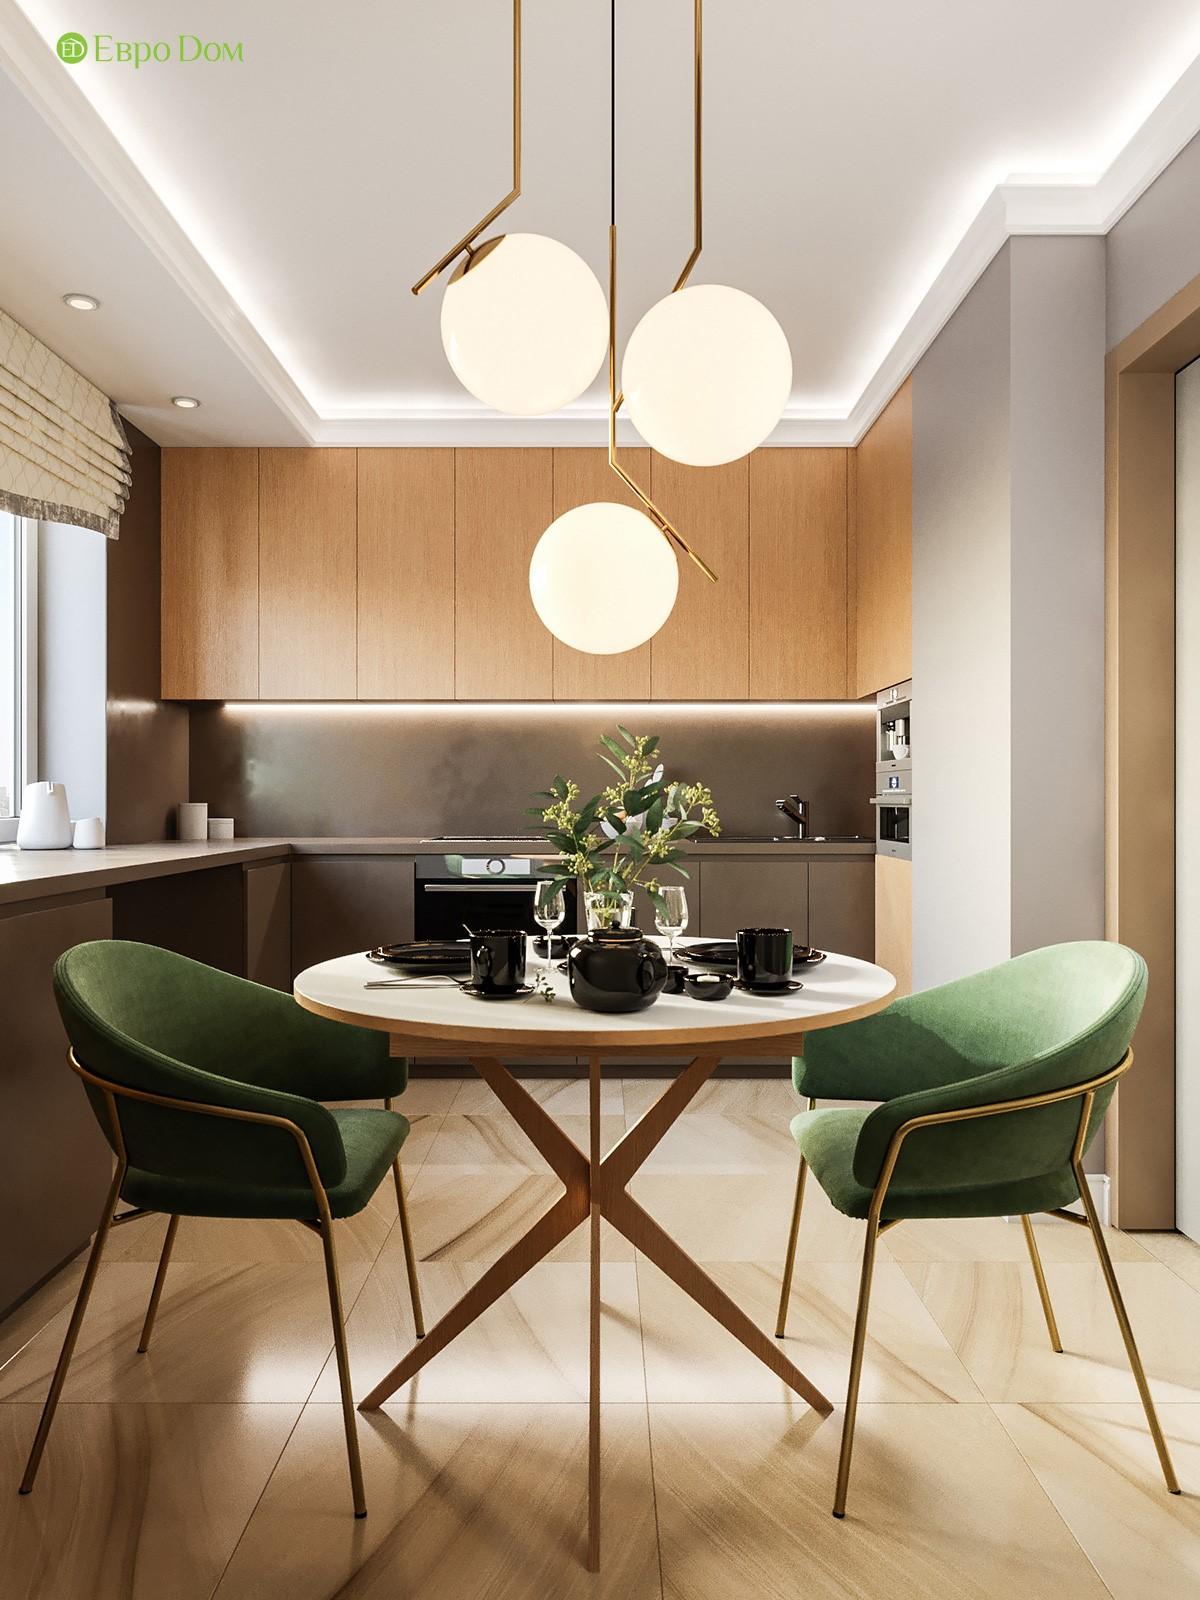 Дизайн 2-комнатной квартиры площадью 50 кв м 58 фото планировка интерьера двухкомнатной квартиры в панельном доме особенности ремонта евродвушки